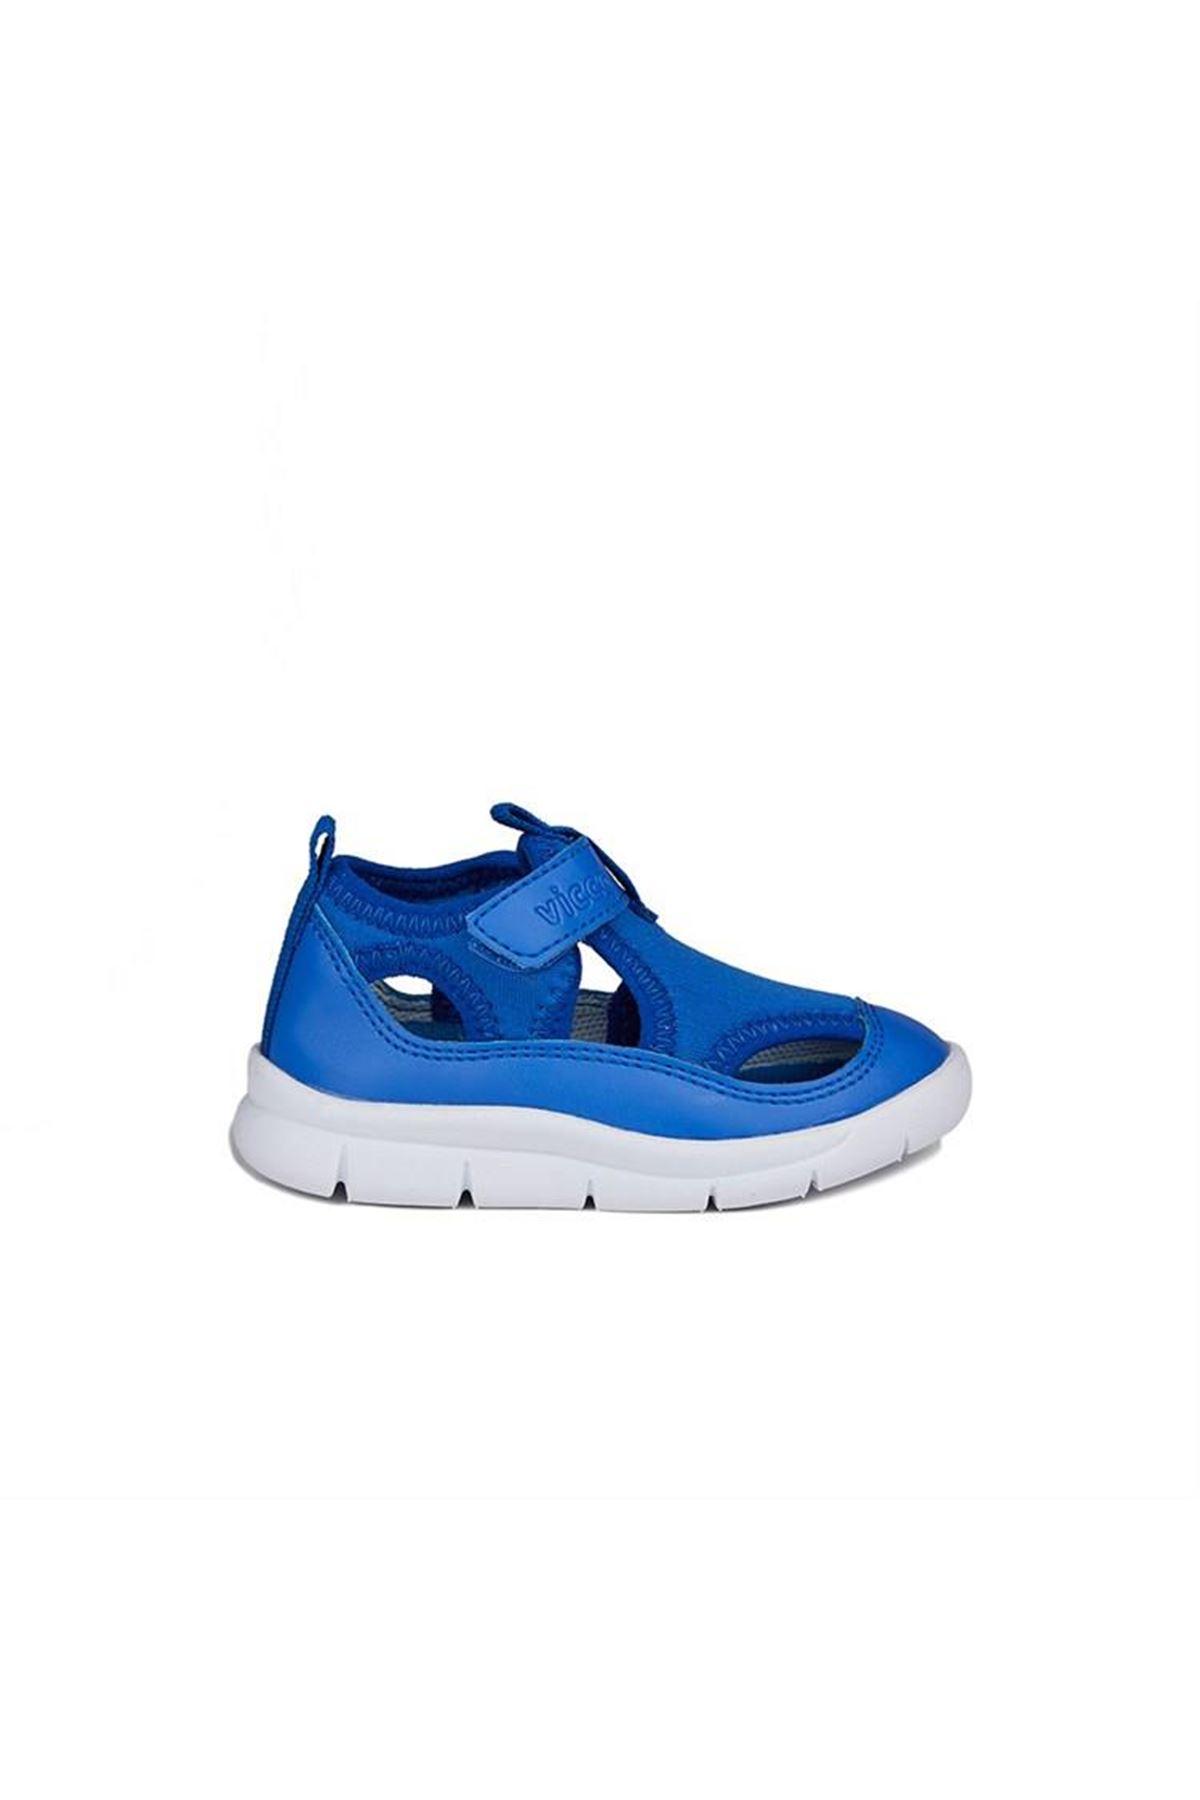 Vicco İlk Adım Phylon Spor Ayakkabı 346.E20Y.204 Saks Mavi